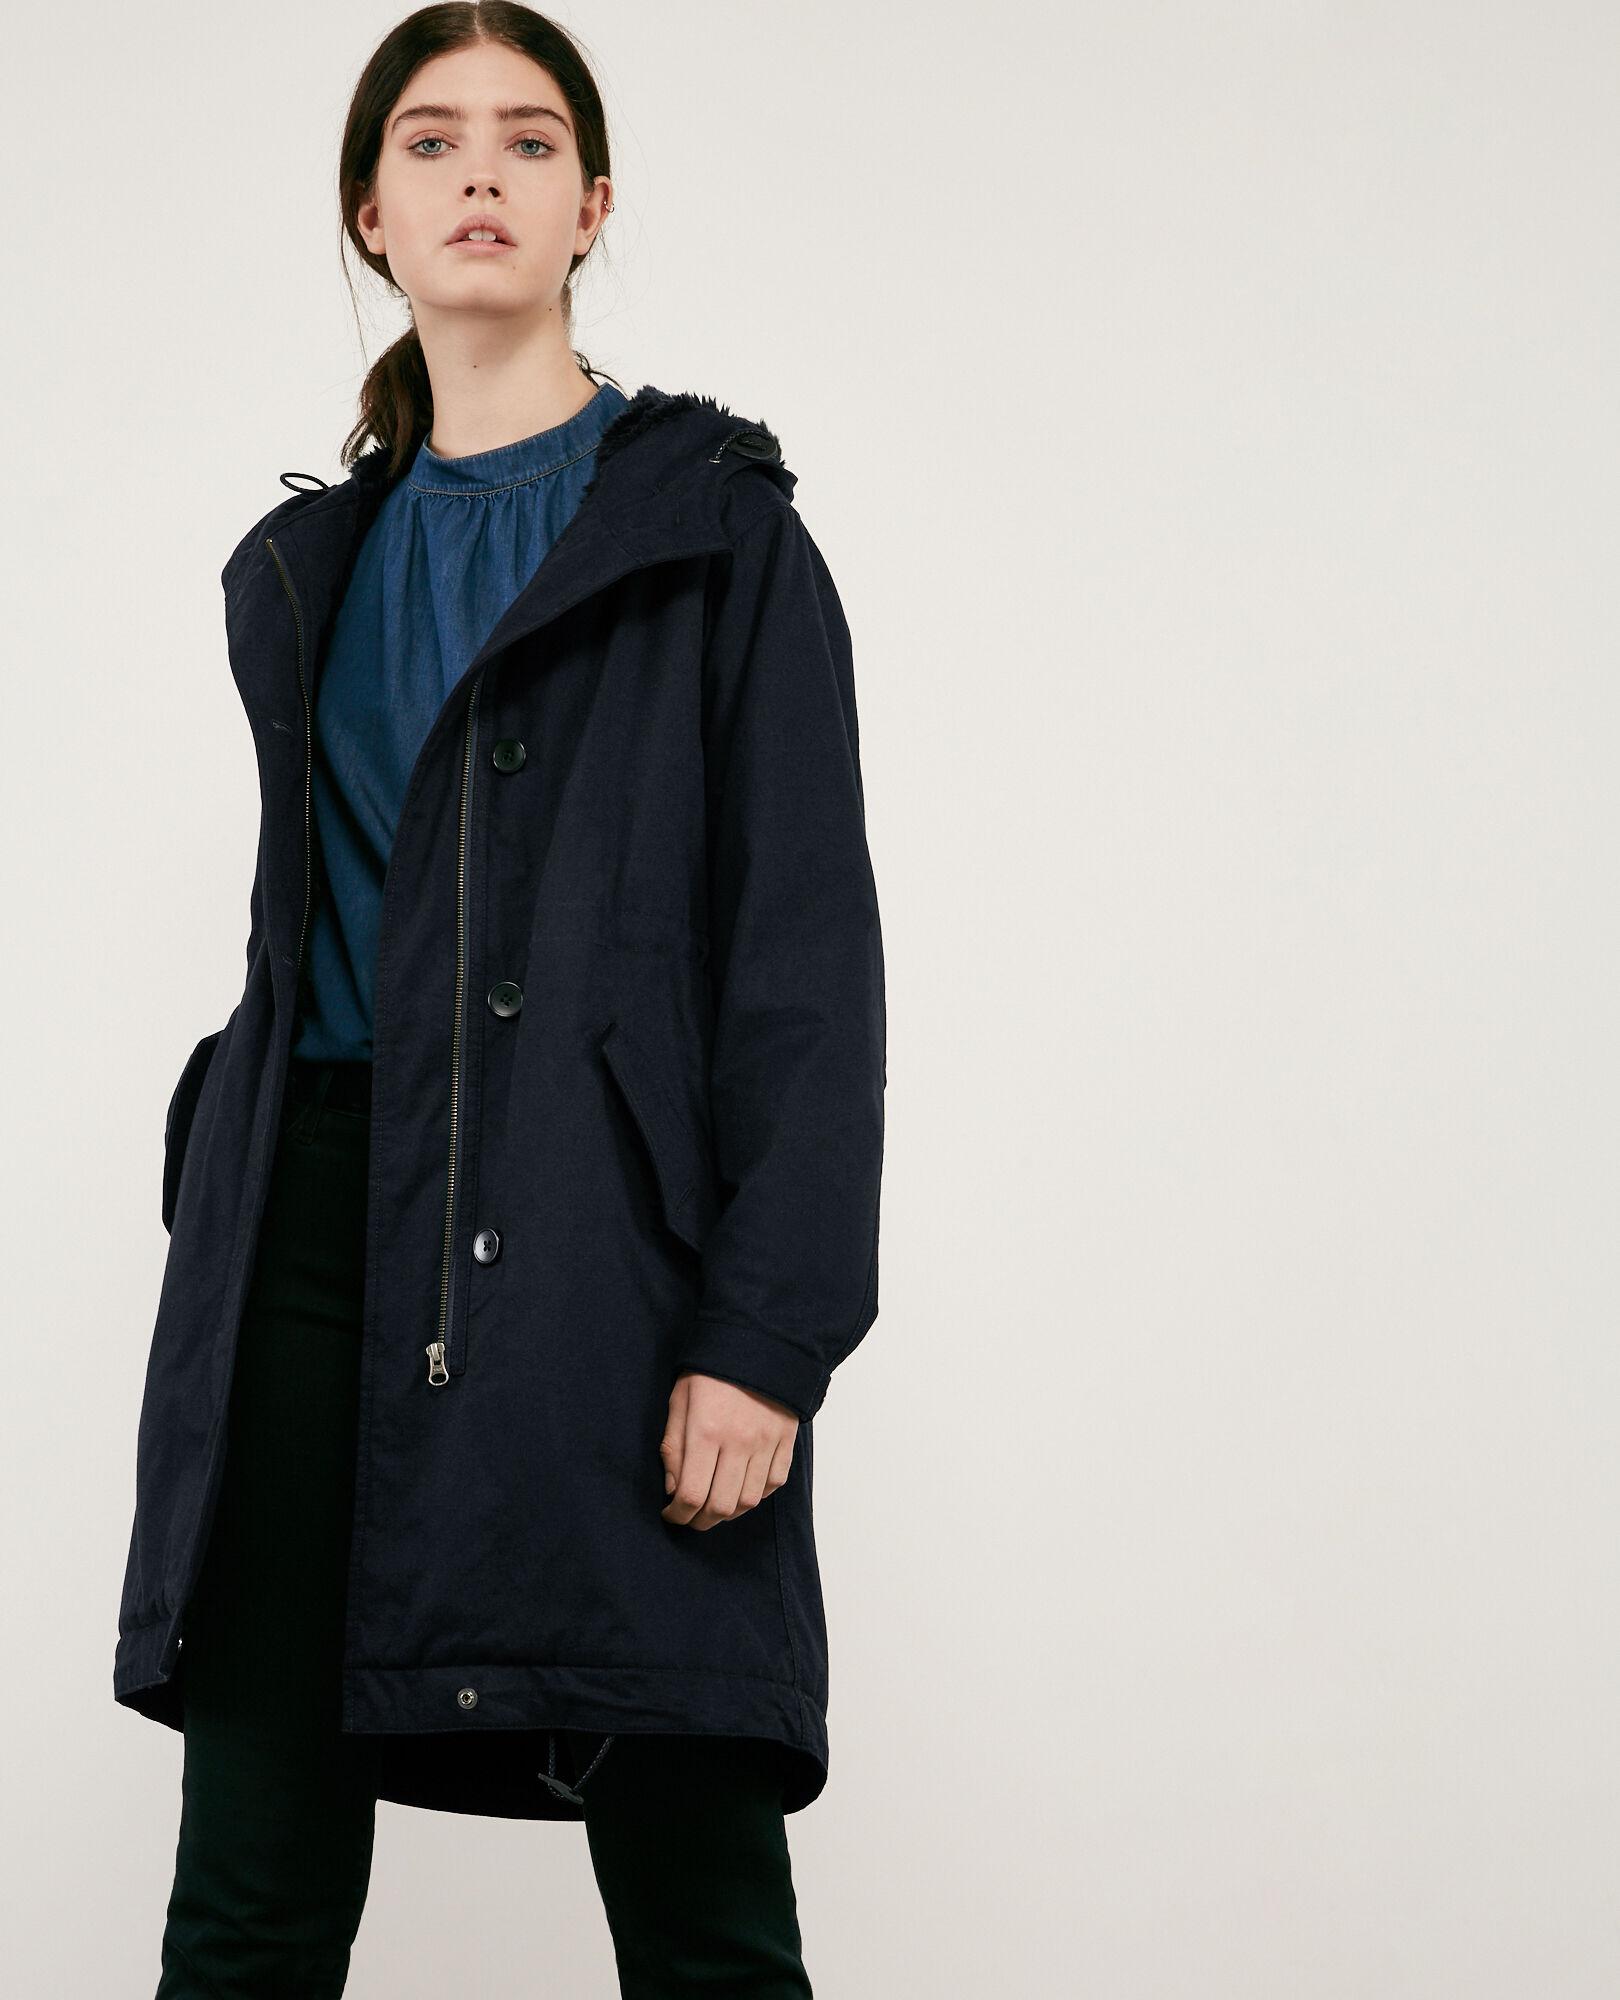 amp; Outlet Manteaux Vestes Femme Coton 34xs Des Taille Comptoir AEEqrwxd1